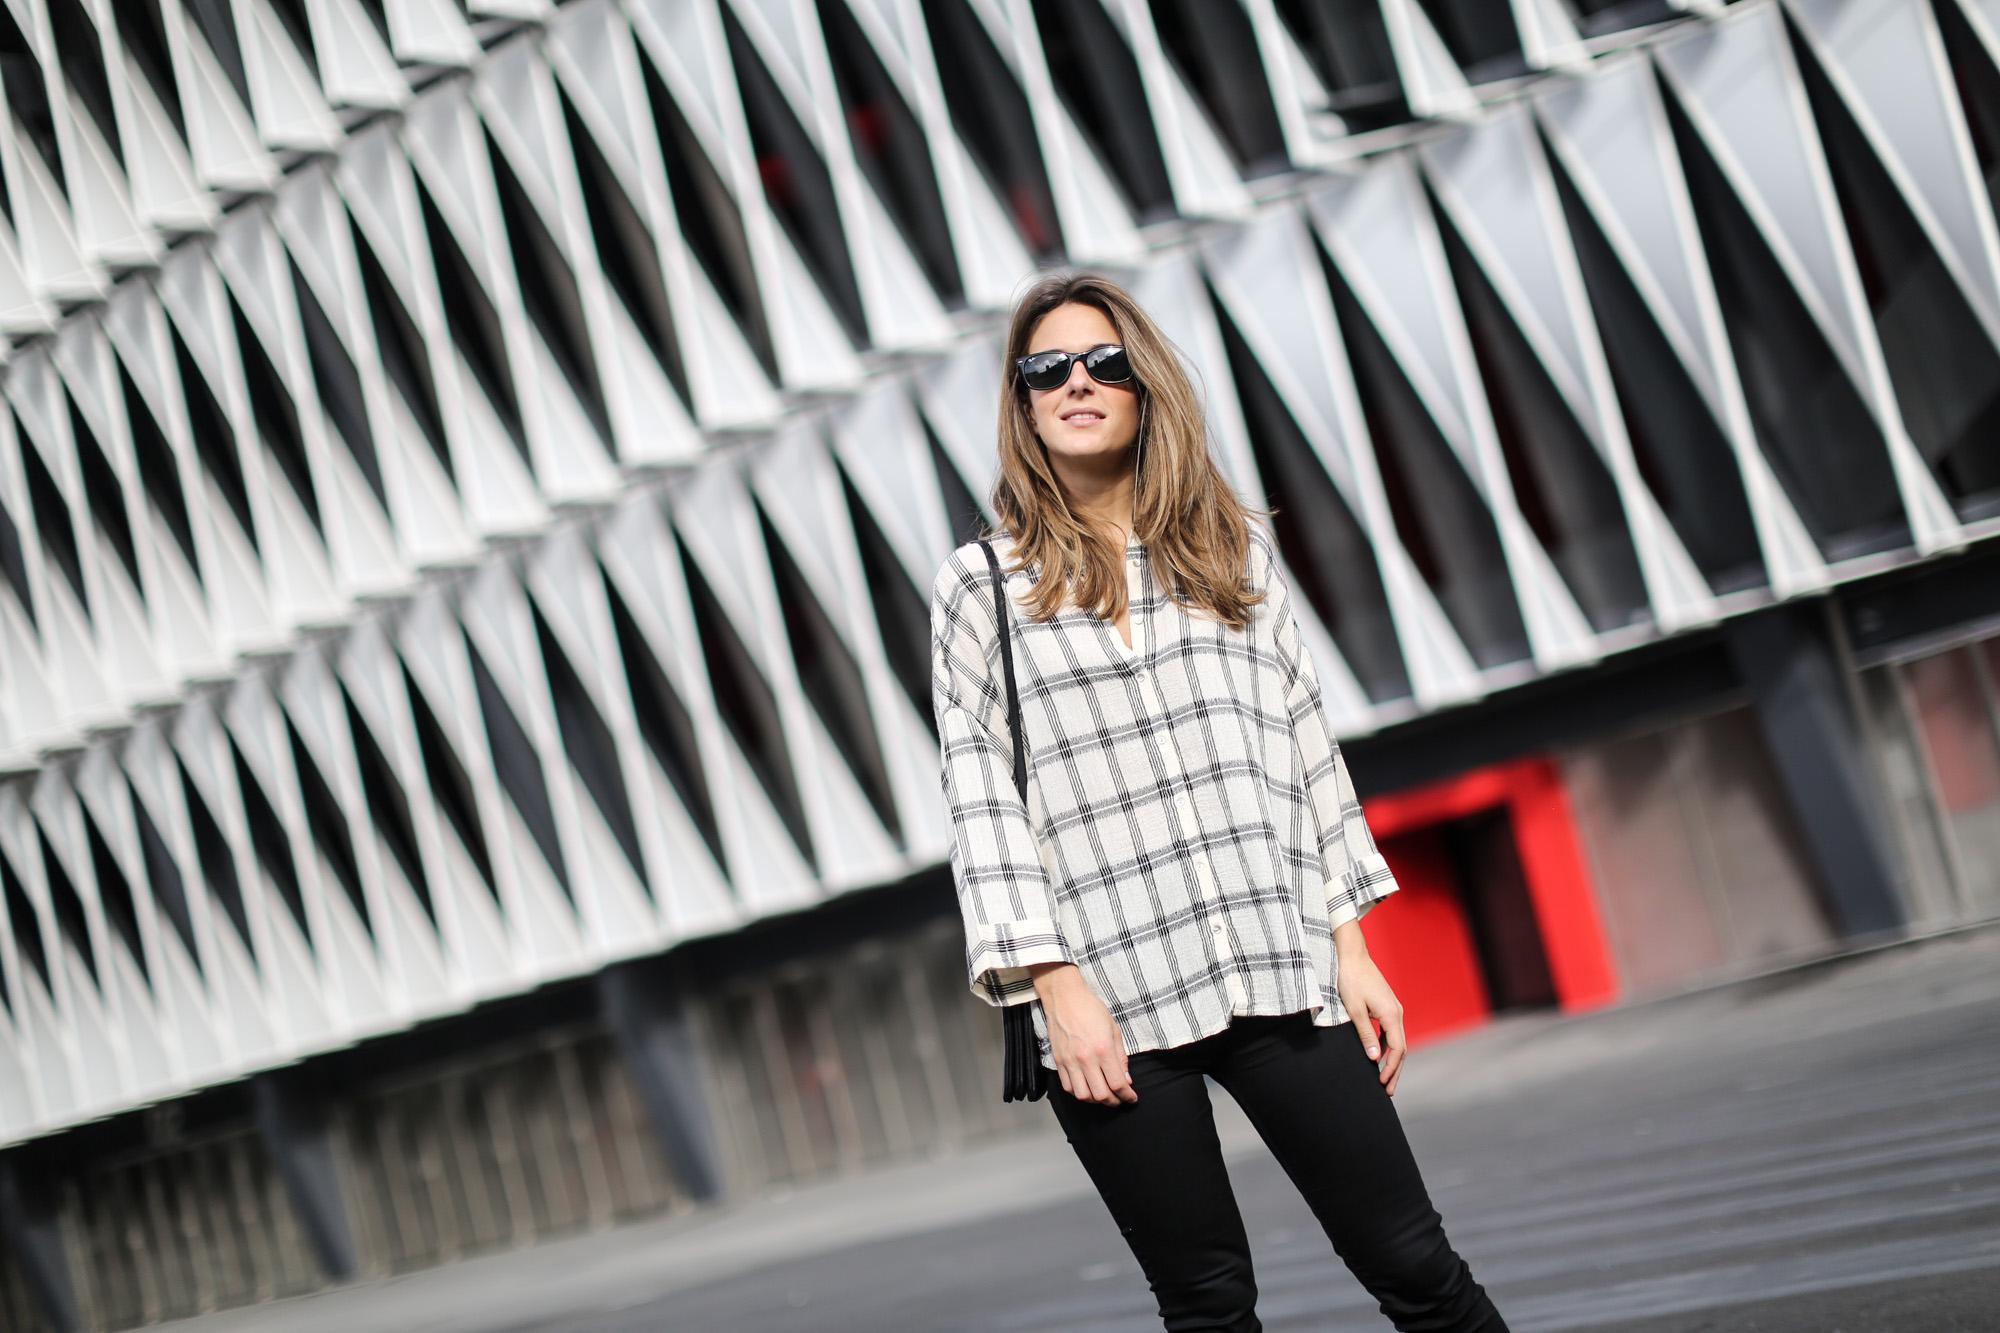 Clochet-streetstyle-isabel-marant-etoile-parka-highwaisted-jeans-kitten-heels-7